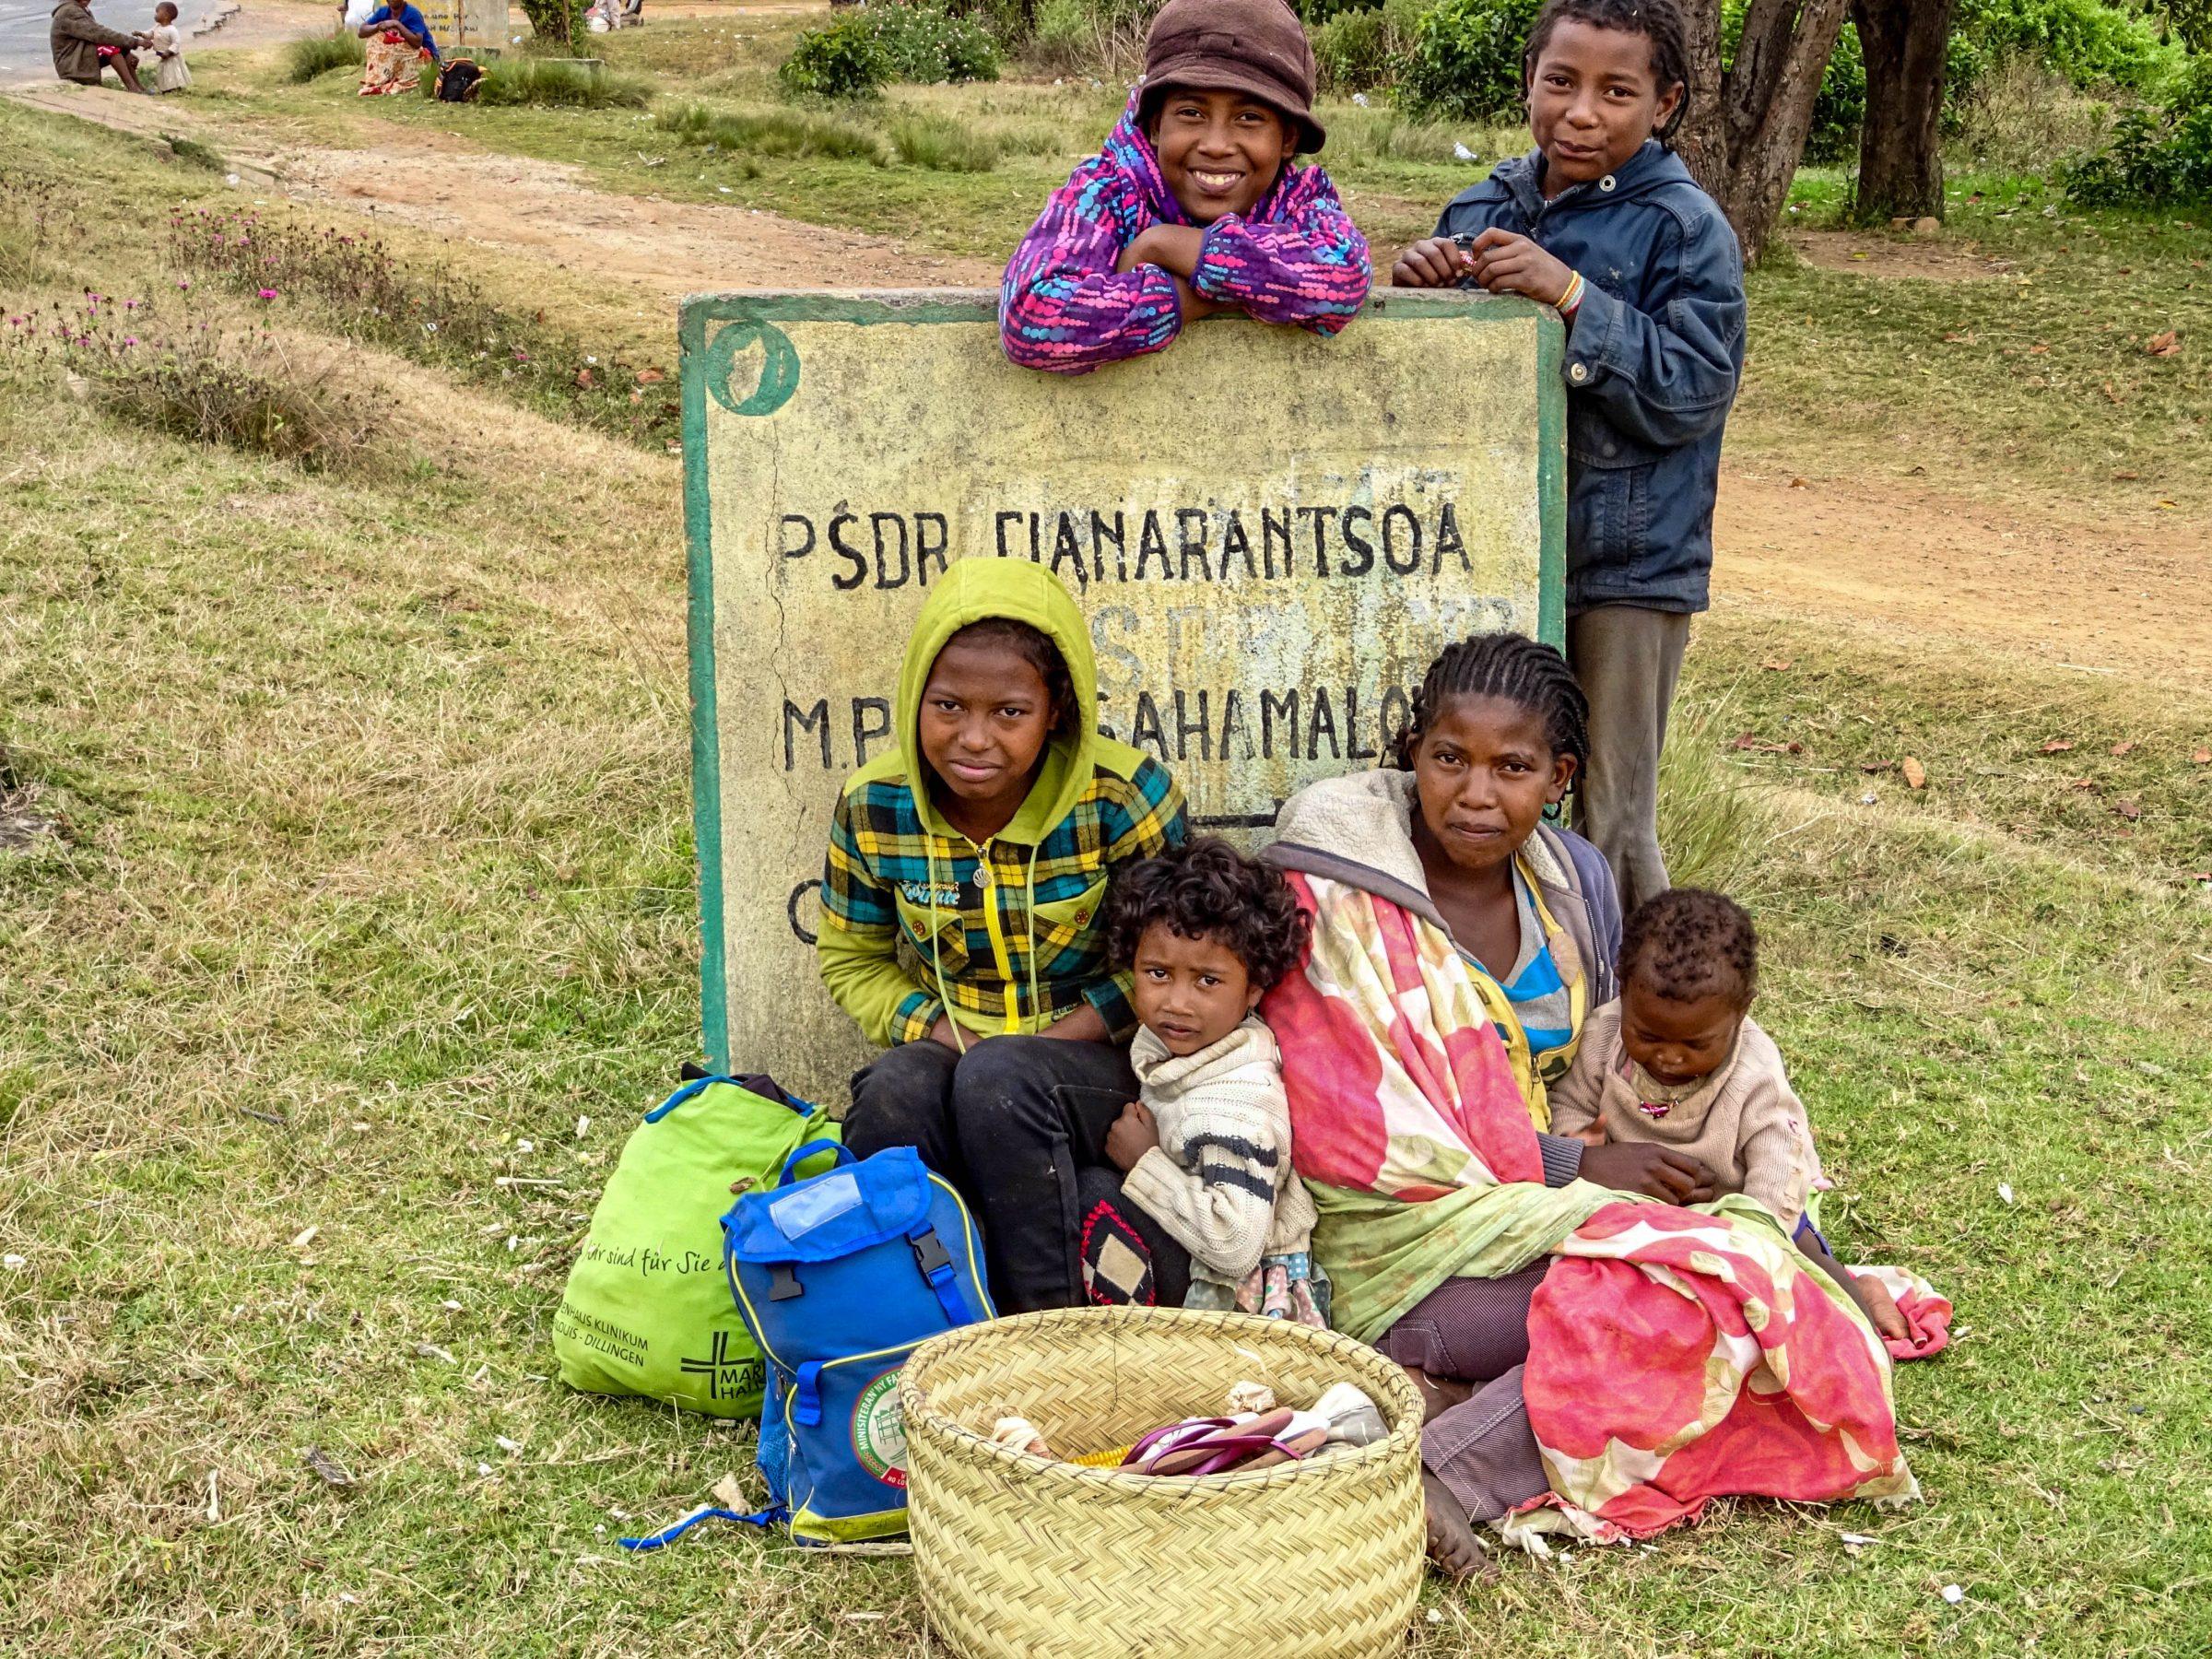 Een familie wacht op een taxi-brousse in Manandoana